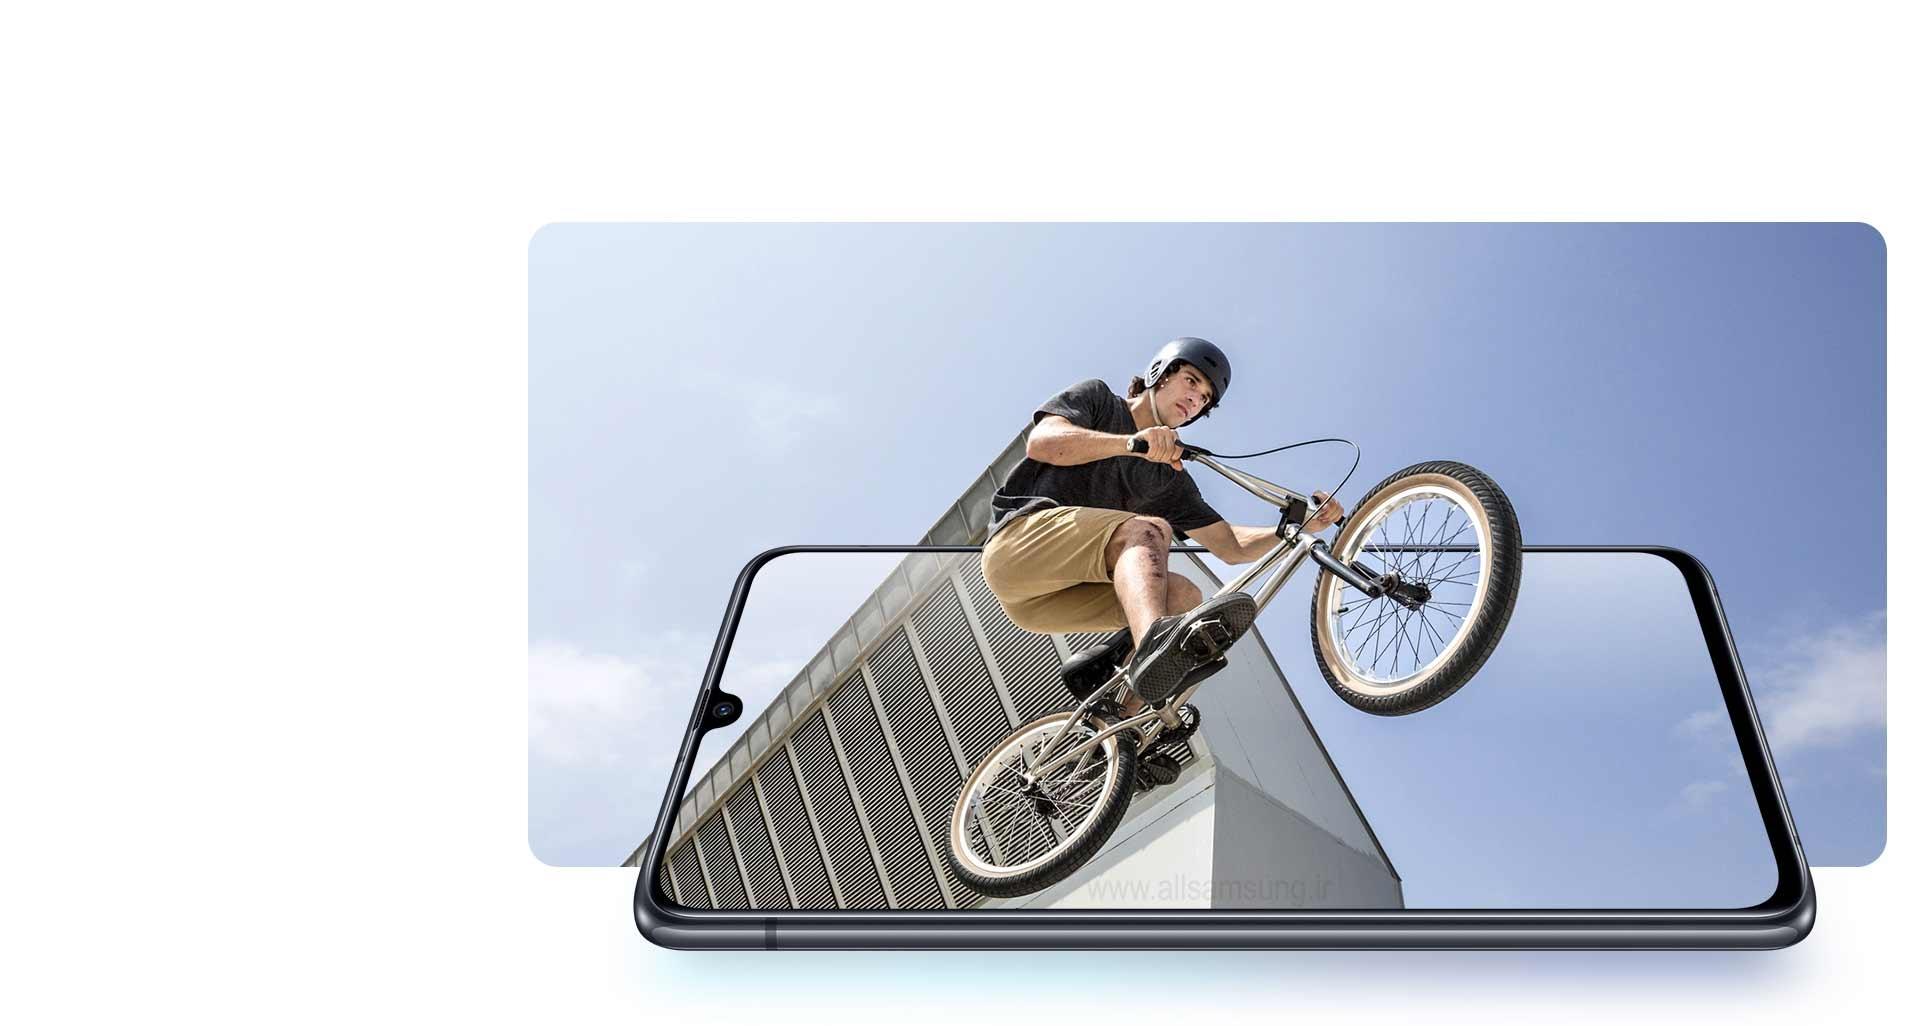 گوشی سامسونگ گلکسی A90 با صفحه نمایش طراحی شده با فضای بیشتر